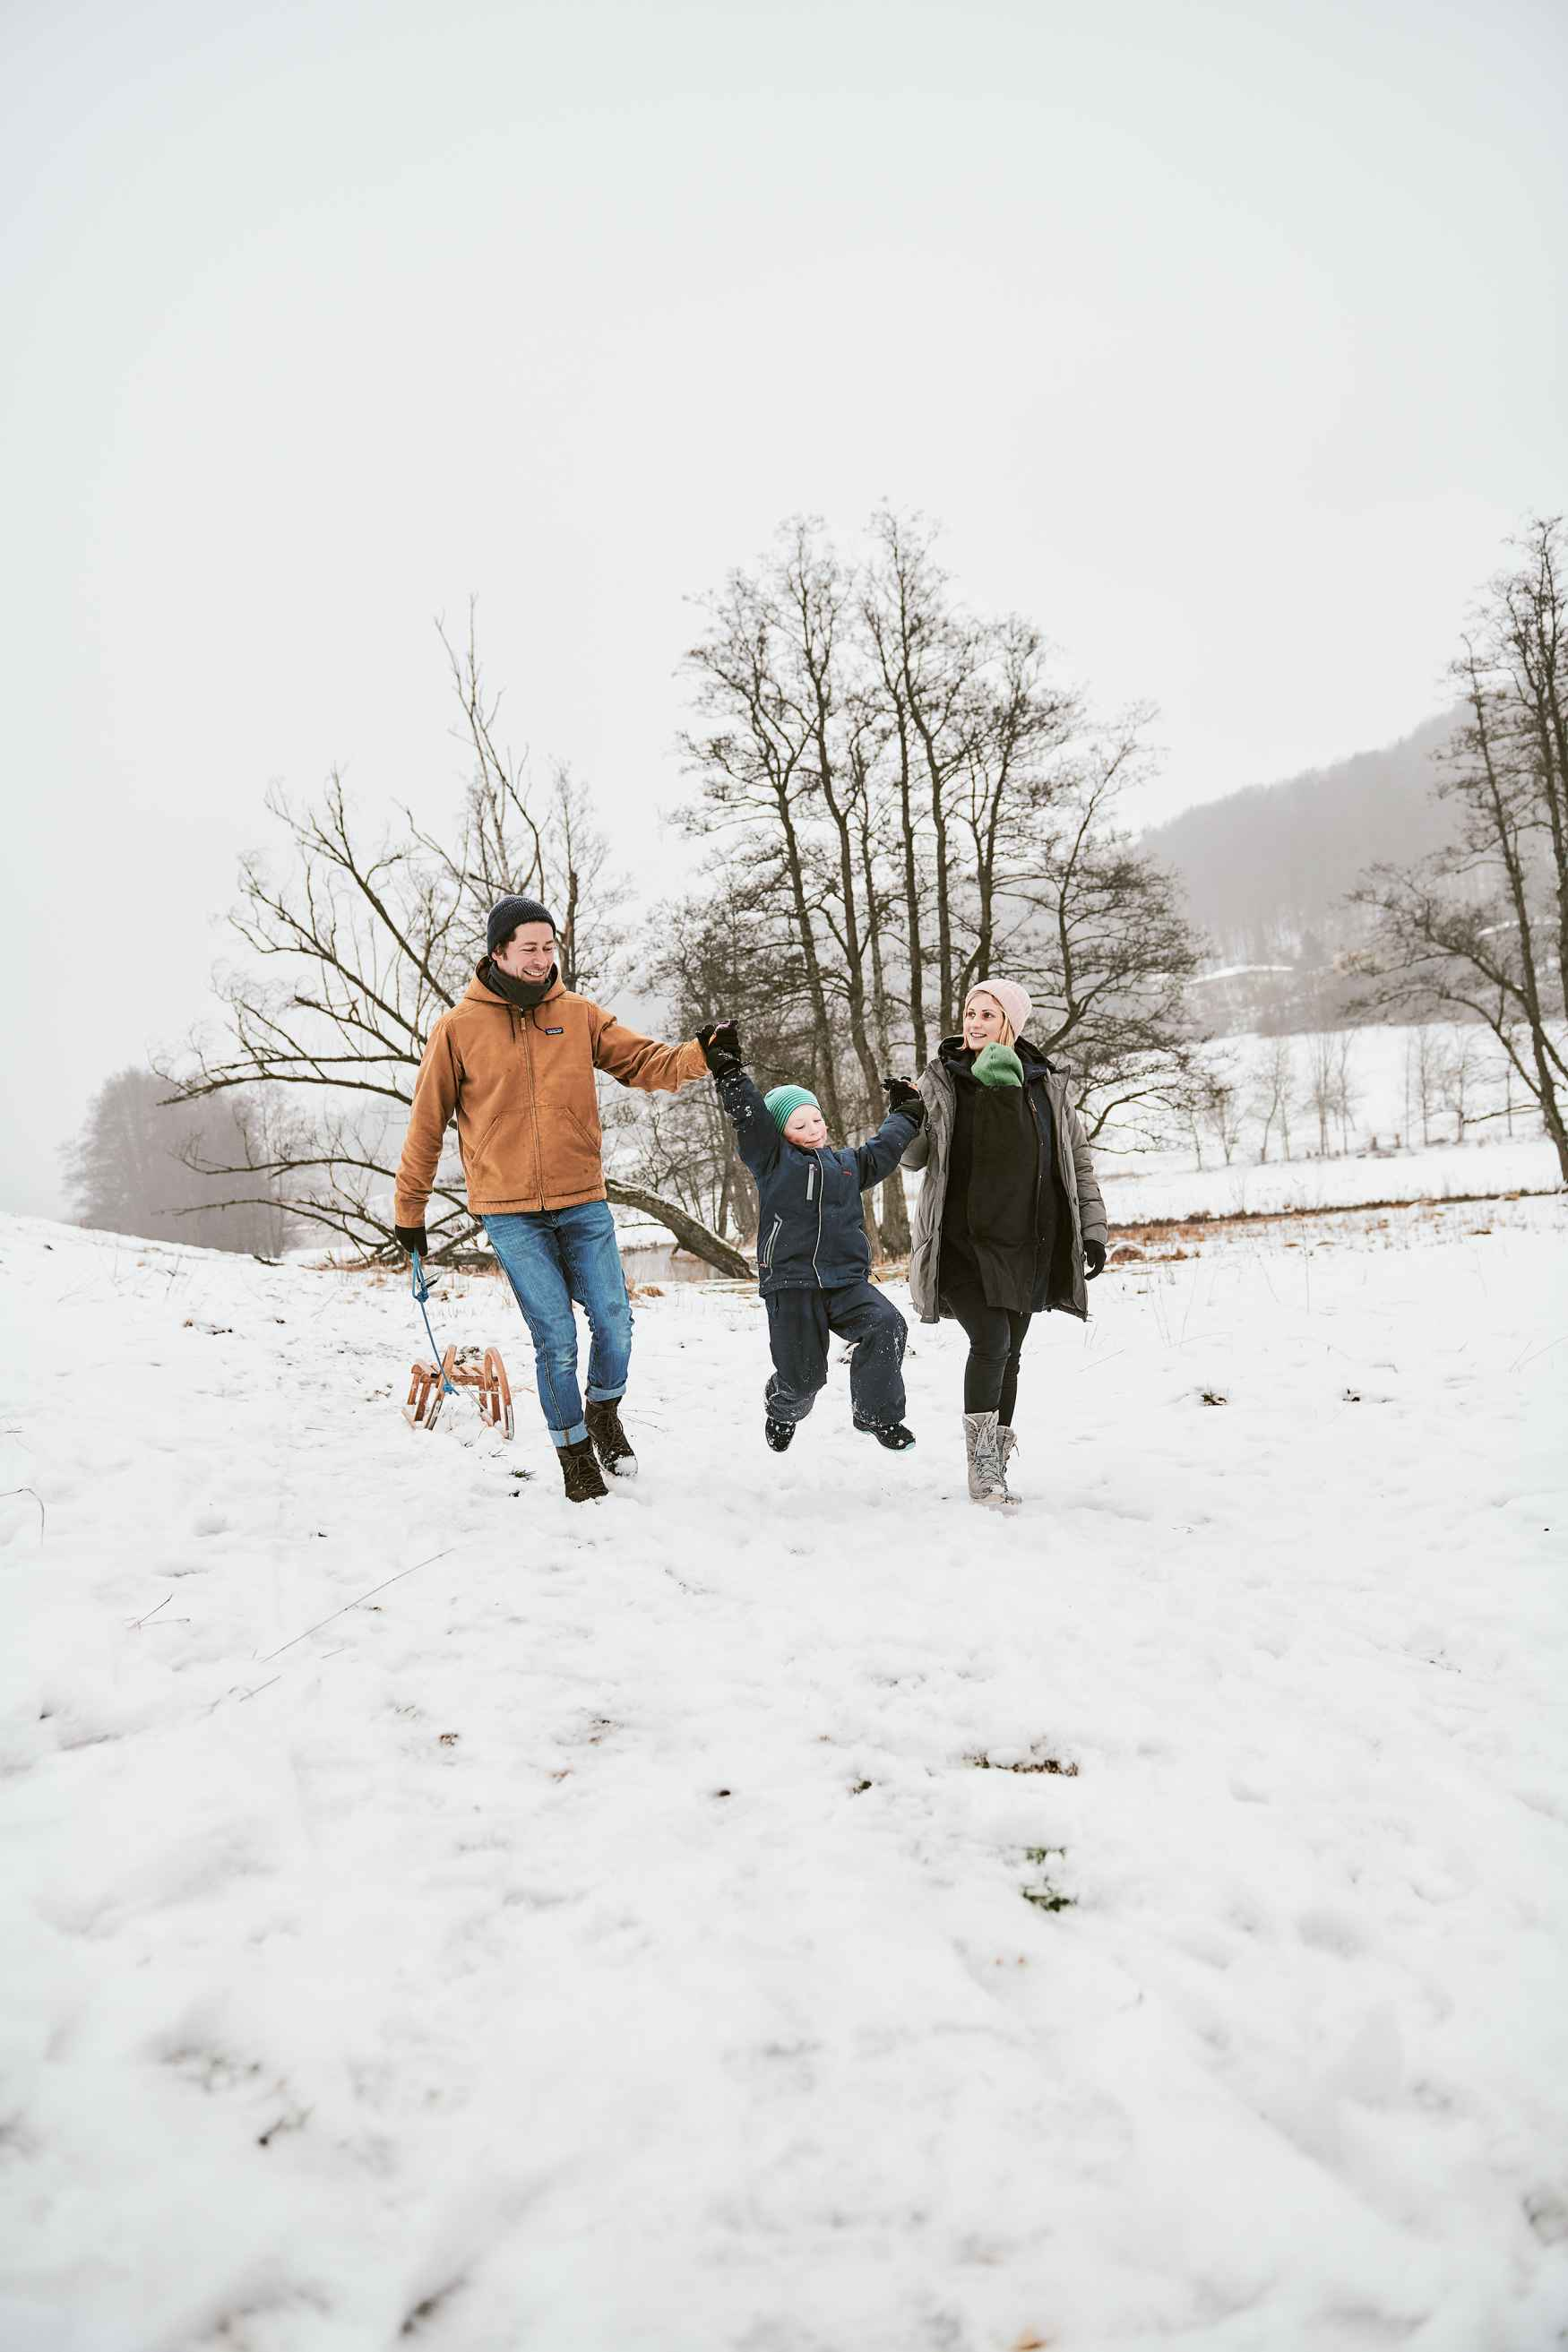 Was dabei herauskommt, wenn man bei einem beliebten Kinderschuhmodell noch einen drauf setzt, zeigt der MADDOX WARM GTX HI. Dank dem höheren Schaft der Wintervariante ist selbst Tiefschnee kein Hindernis mehr. Dank kuscheligem GORE-TEX-Partelana-Futter bleiben die Füße wunderbar warm. Einmal die praktische Speed- Lace-Schnürung festgezogen, die Klettverschlüsse geschlossen und der Winterspaß kann losgehen.